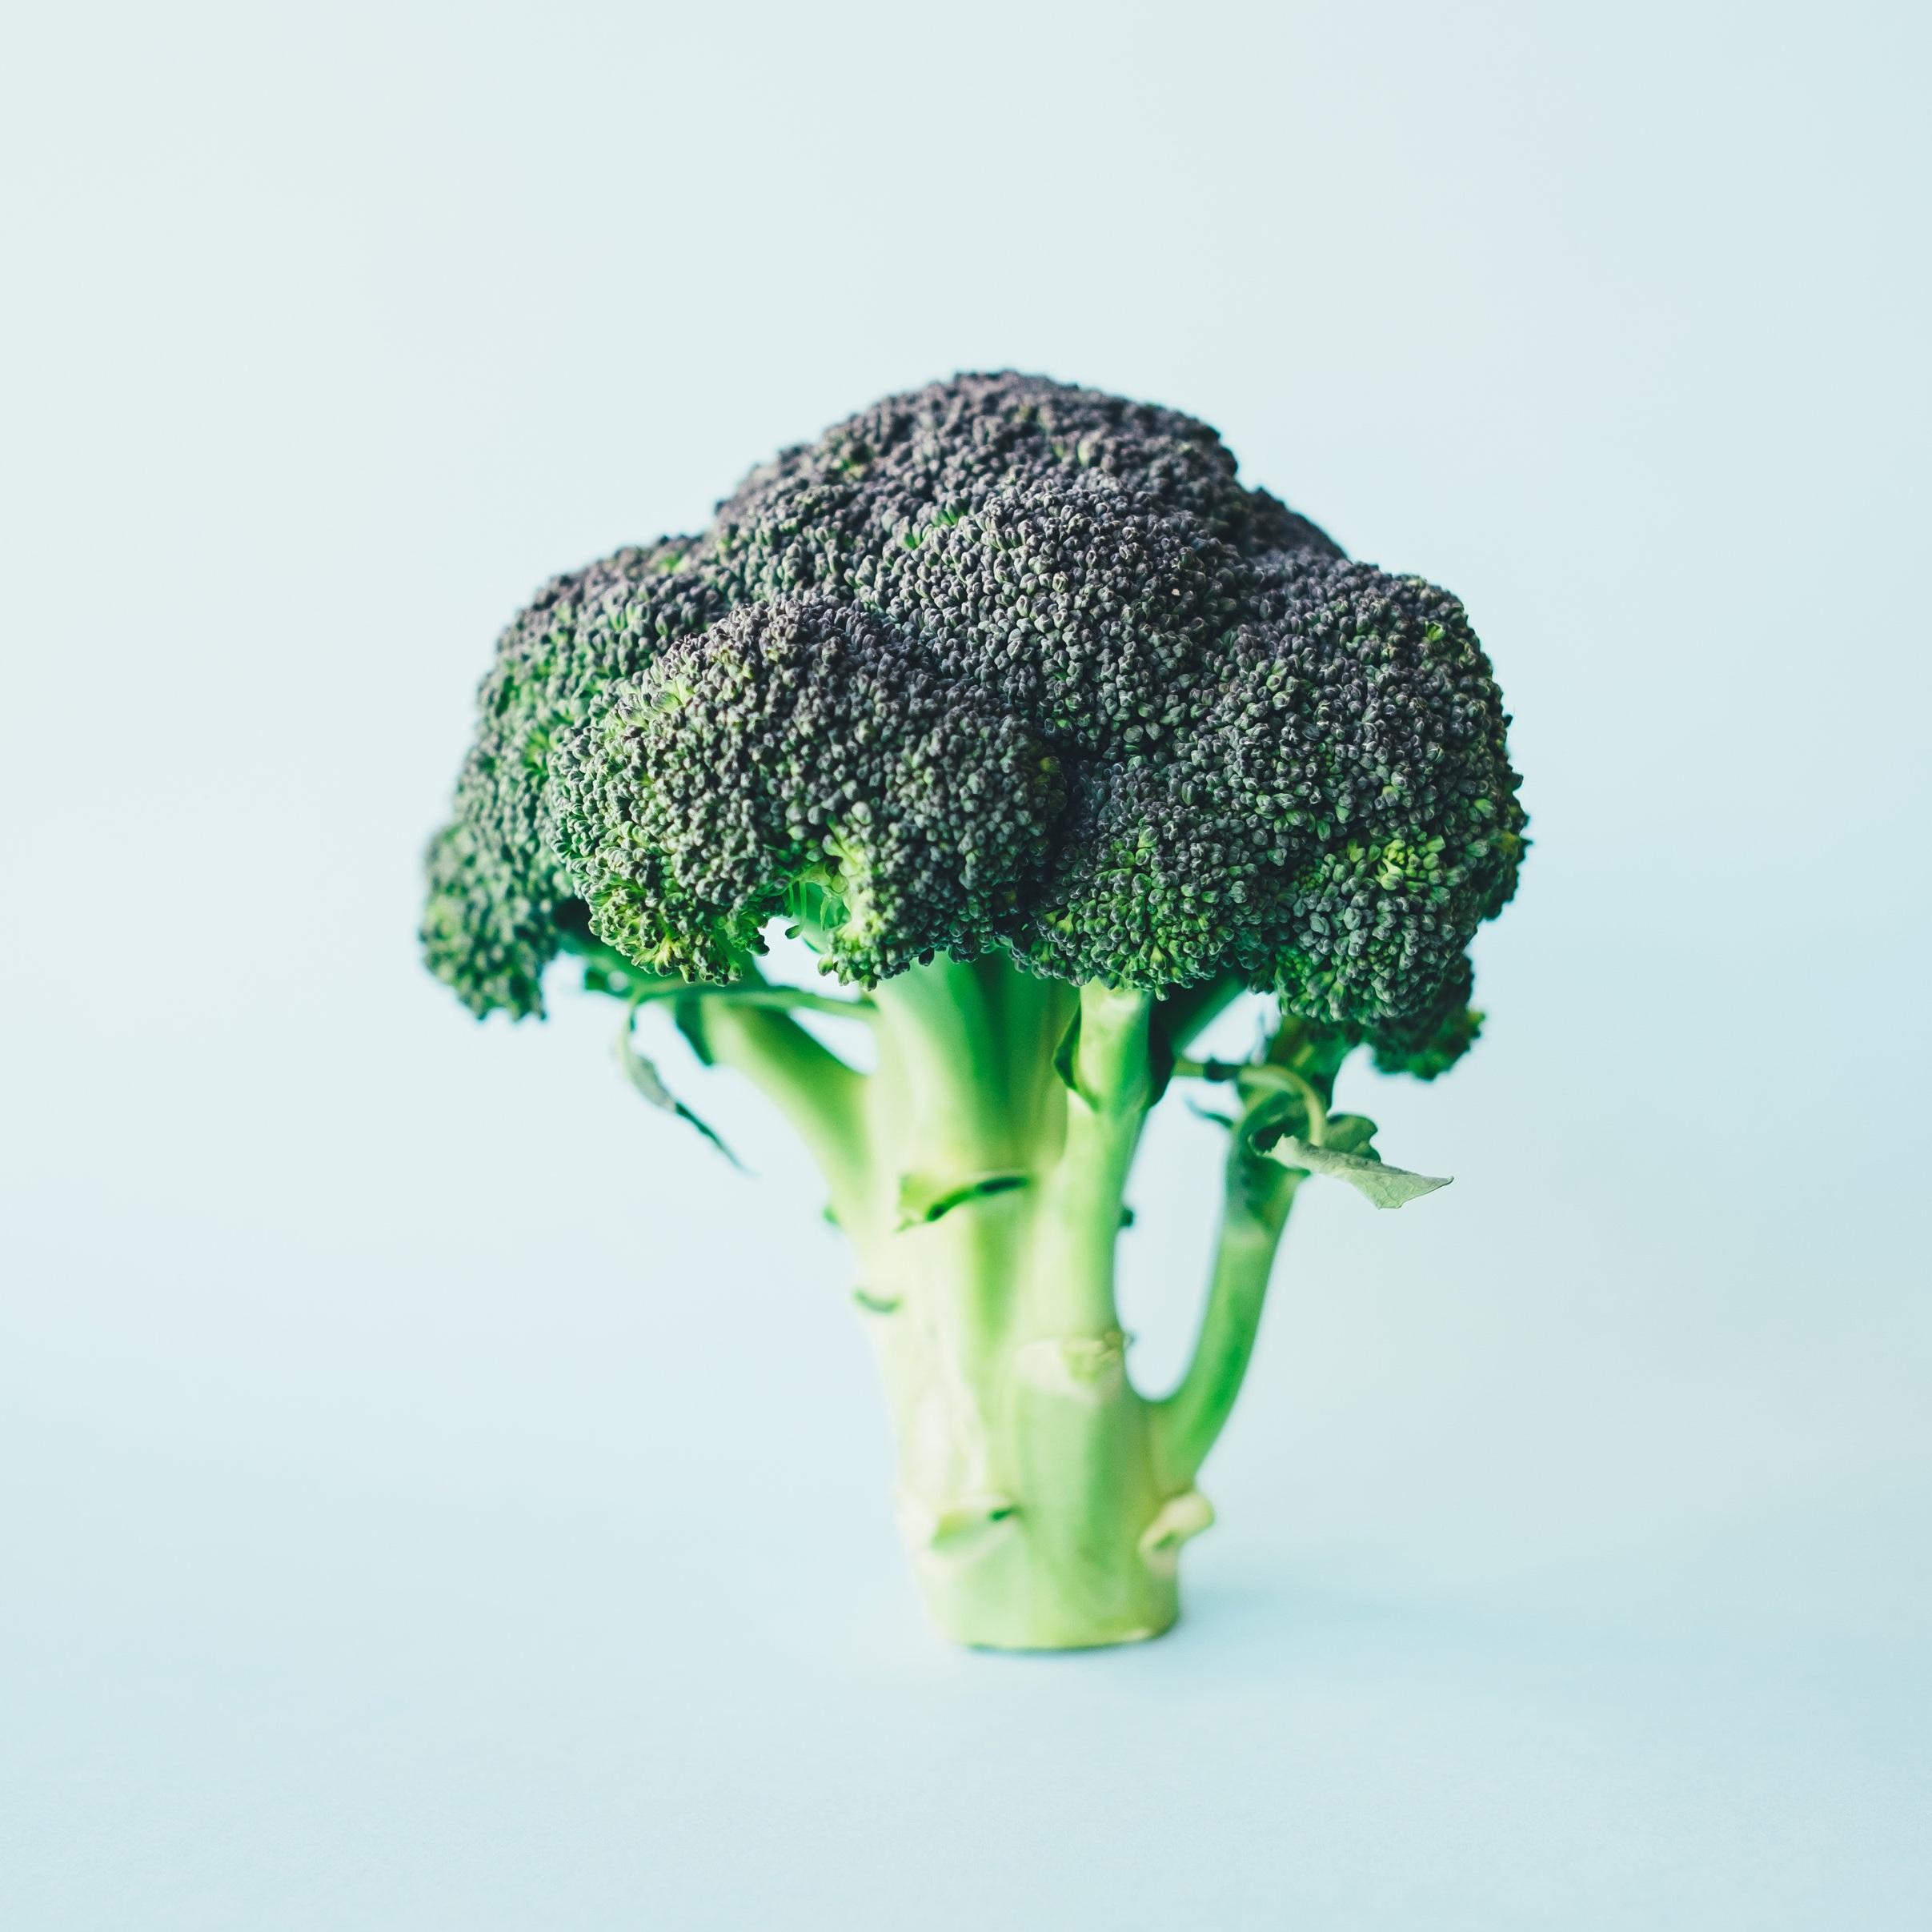 cabbage03-makingitrealinc